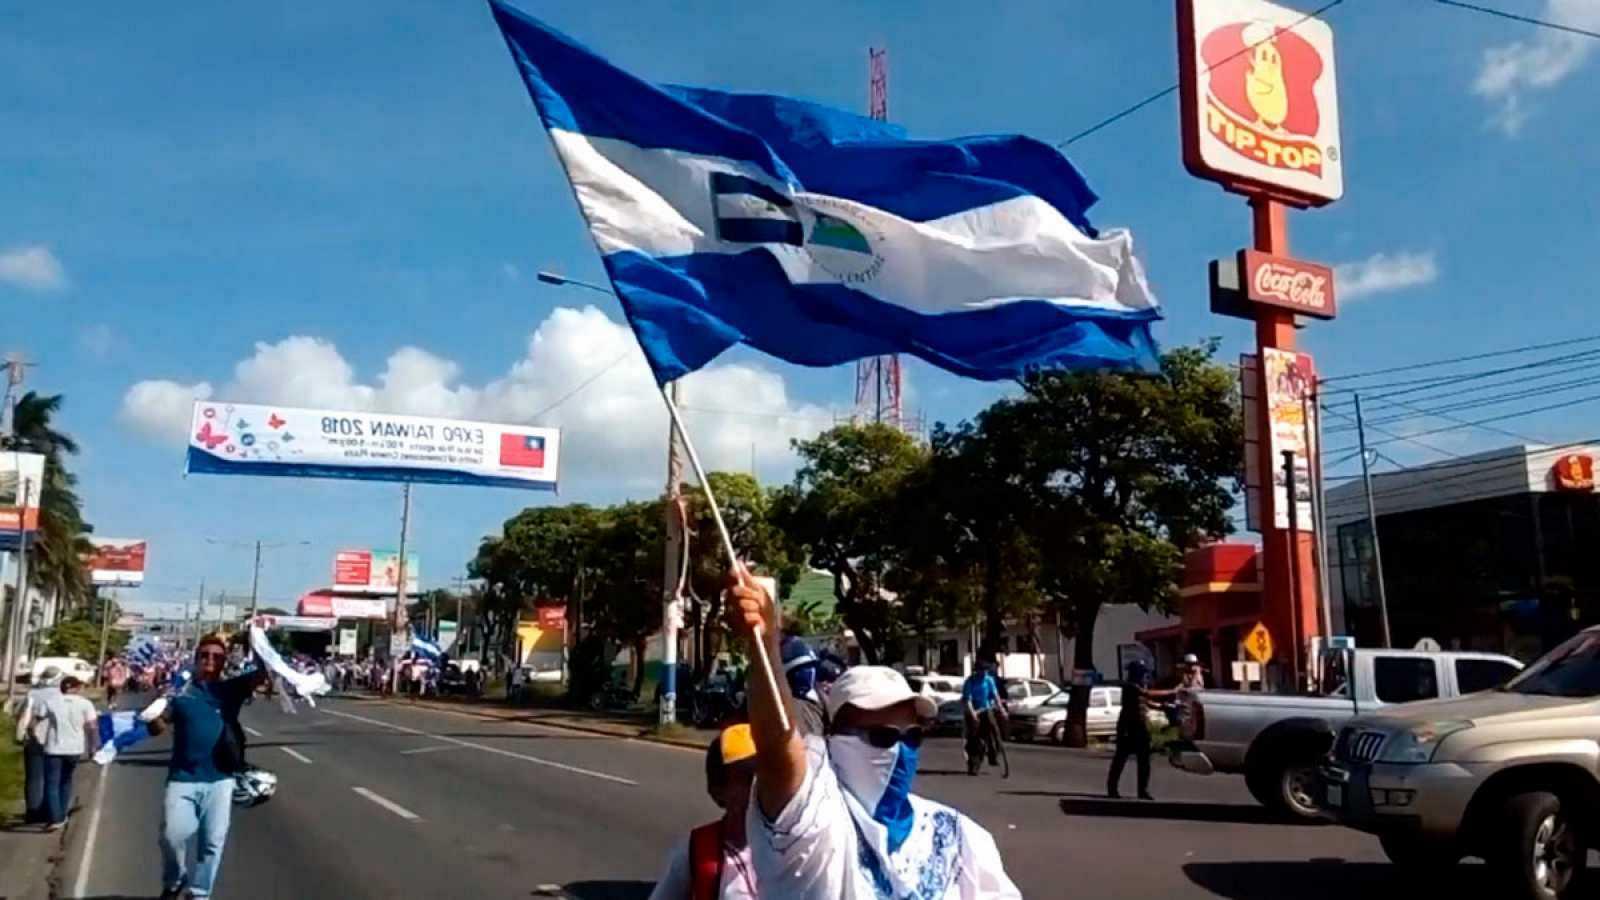 Efecto Doppler - Nicaragua, patria libre para vivir - 15/04/21 - escuchar ahora